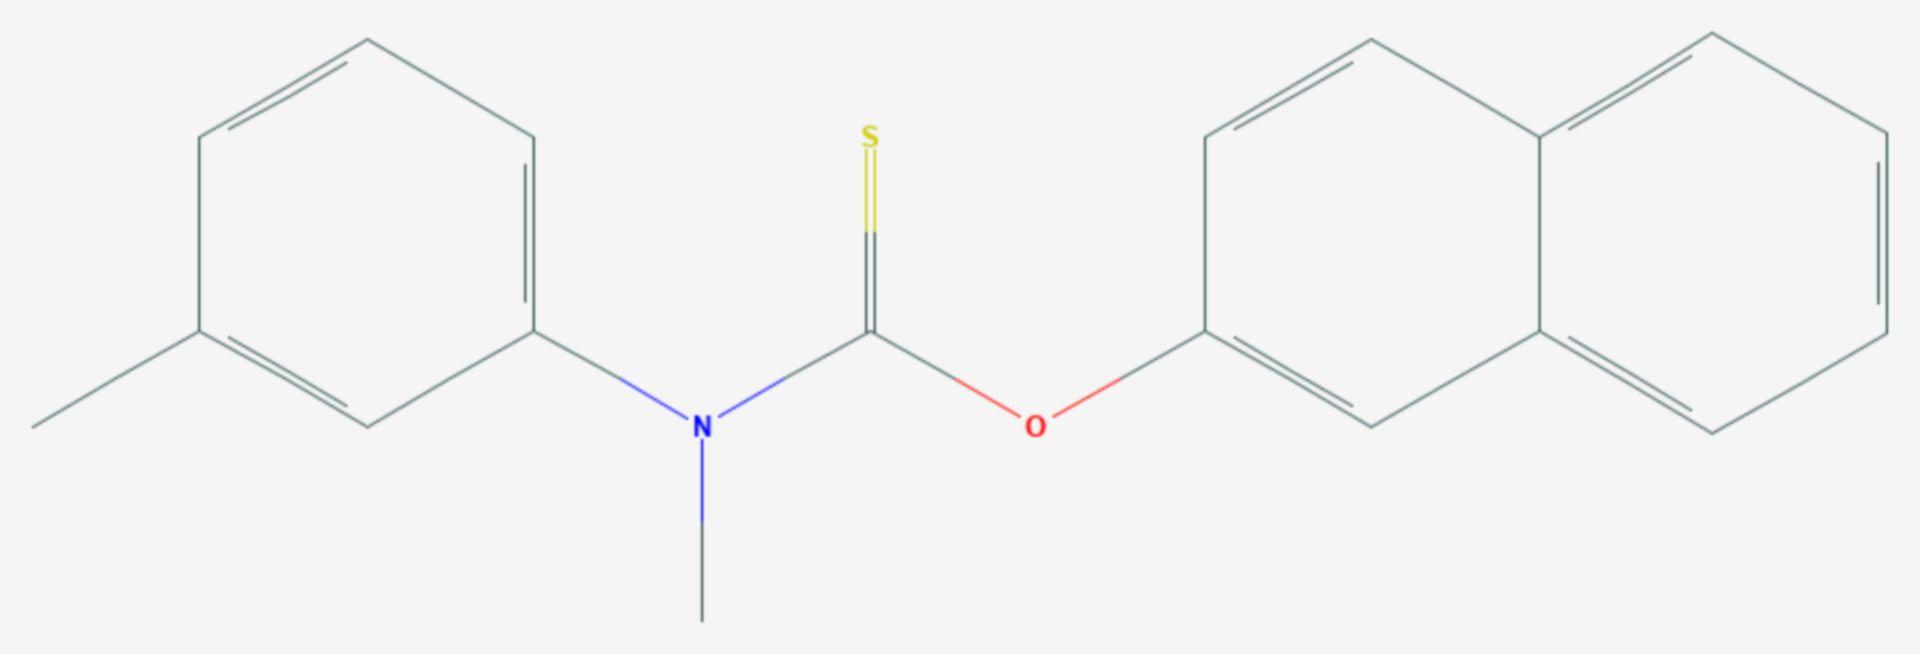 Tolnaftat (Strukturformel)